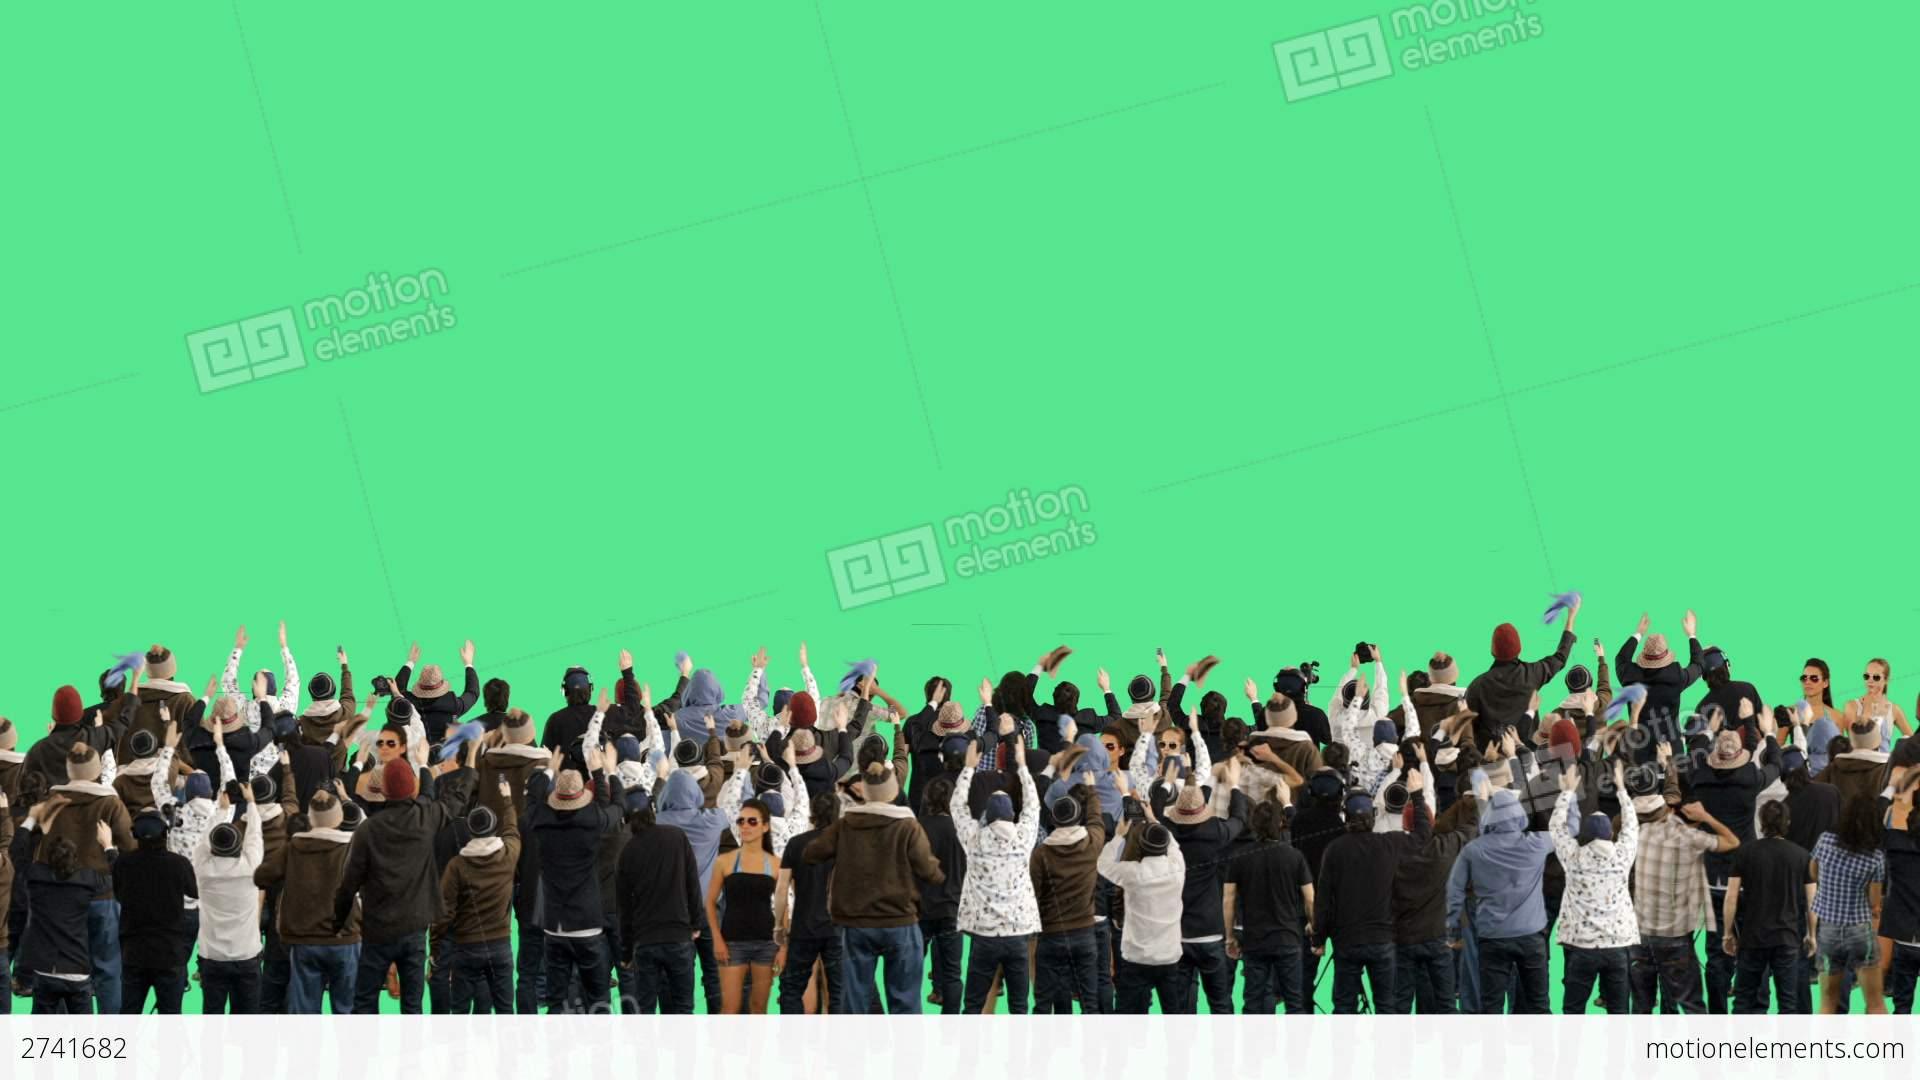 concert crowd 37 wallpapers � hd desktop wallpapers